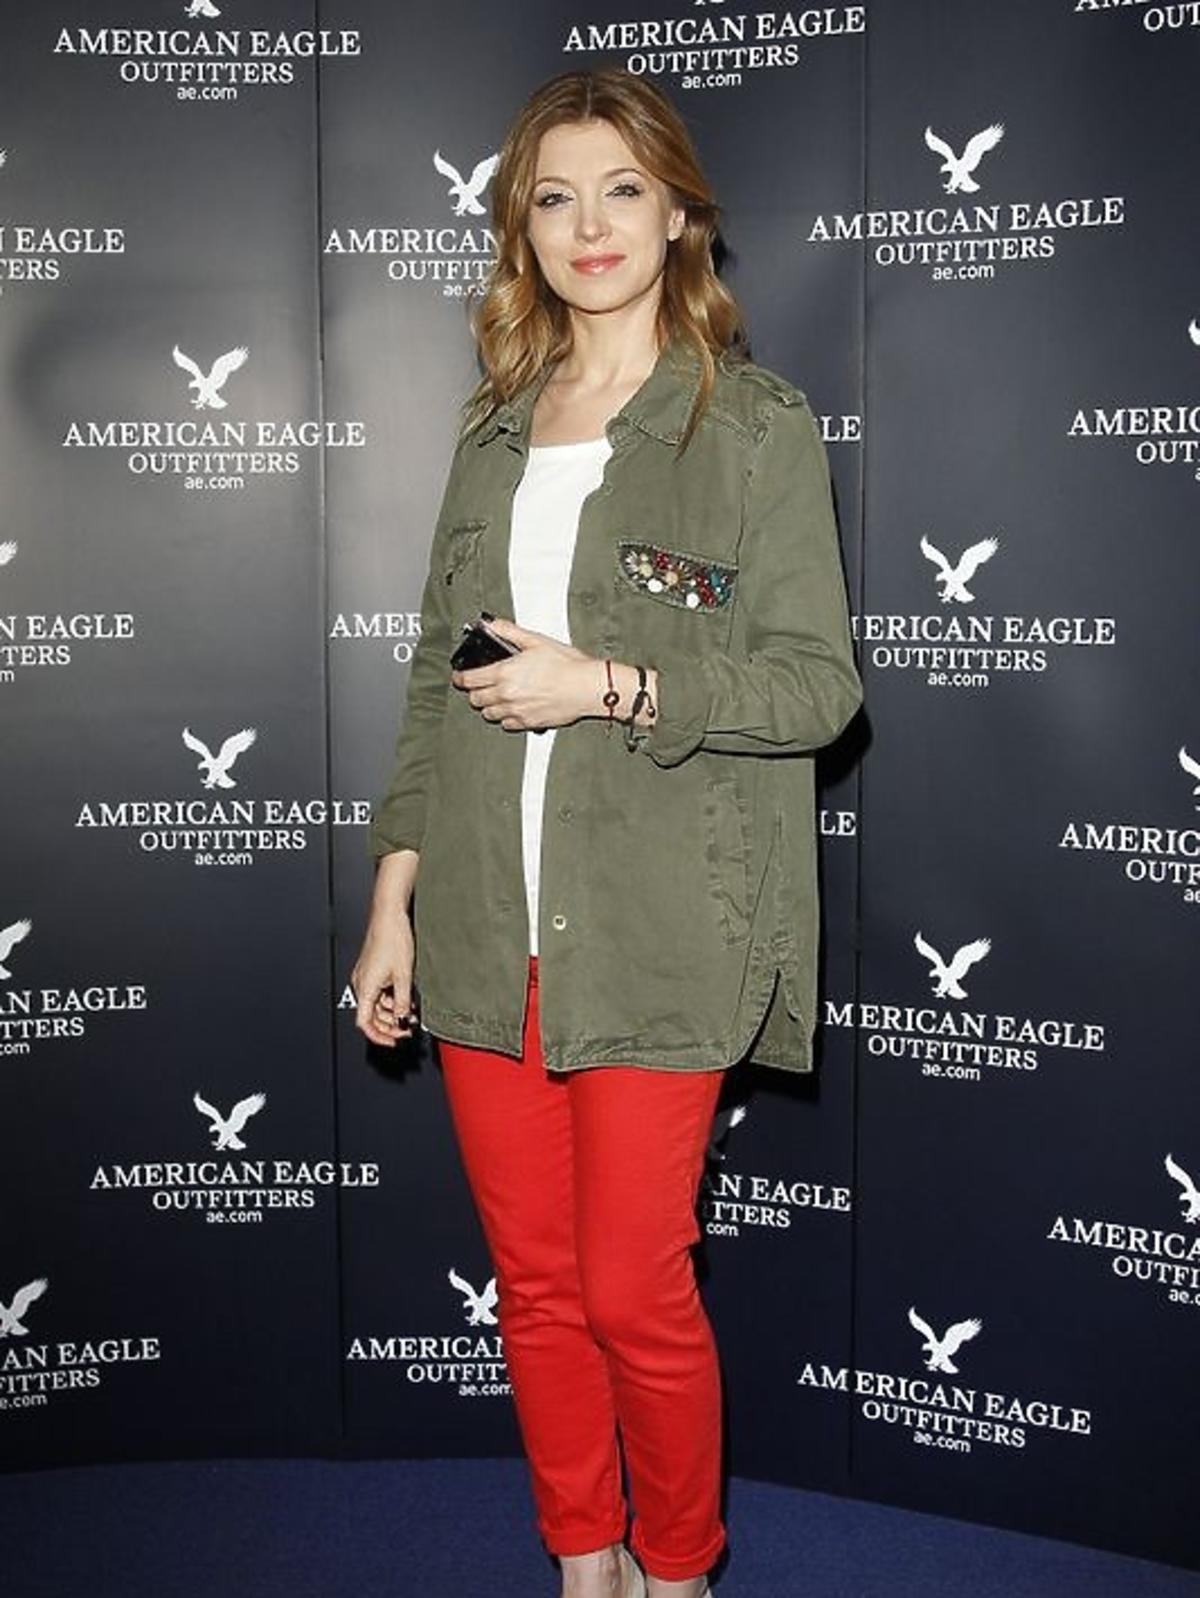 akpa20120828_american_eagle_ae_2308.jpg